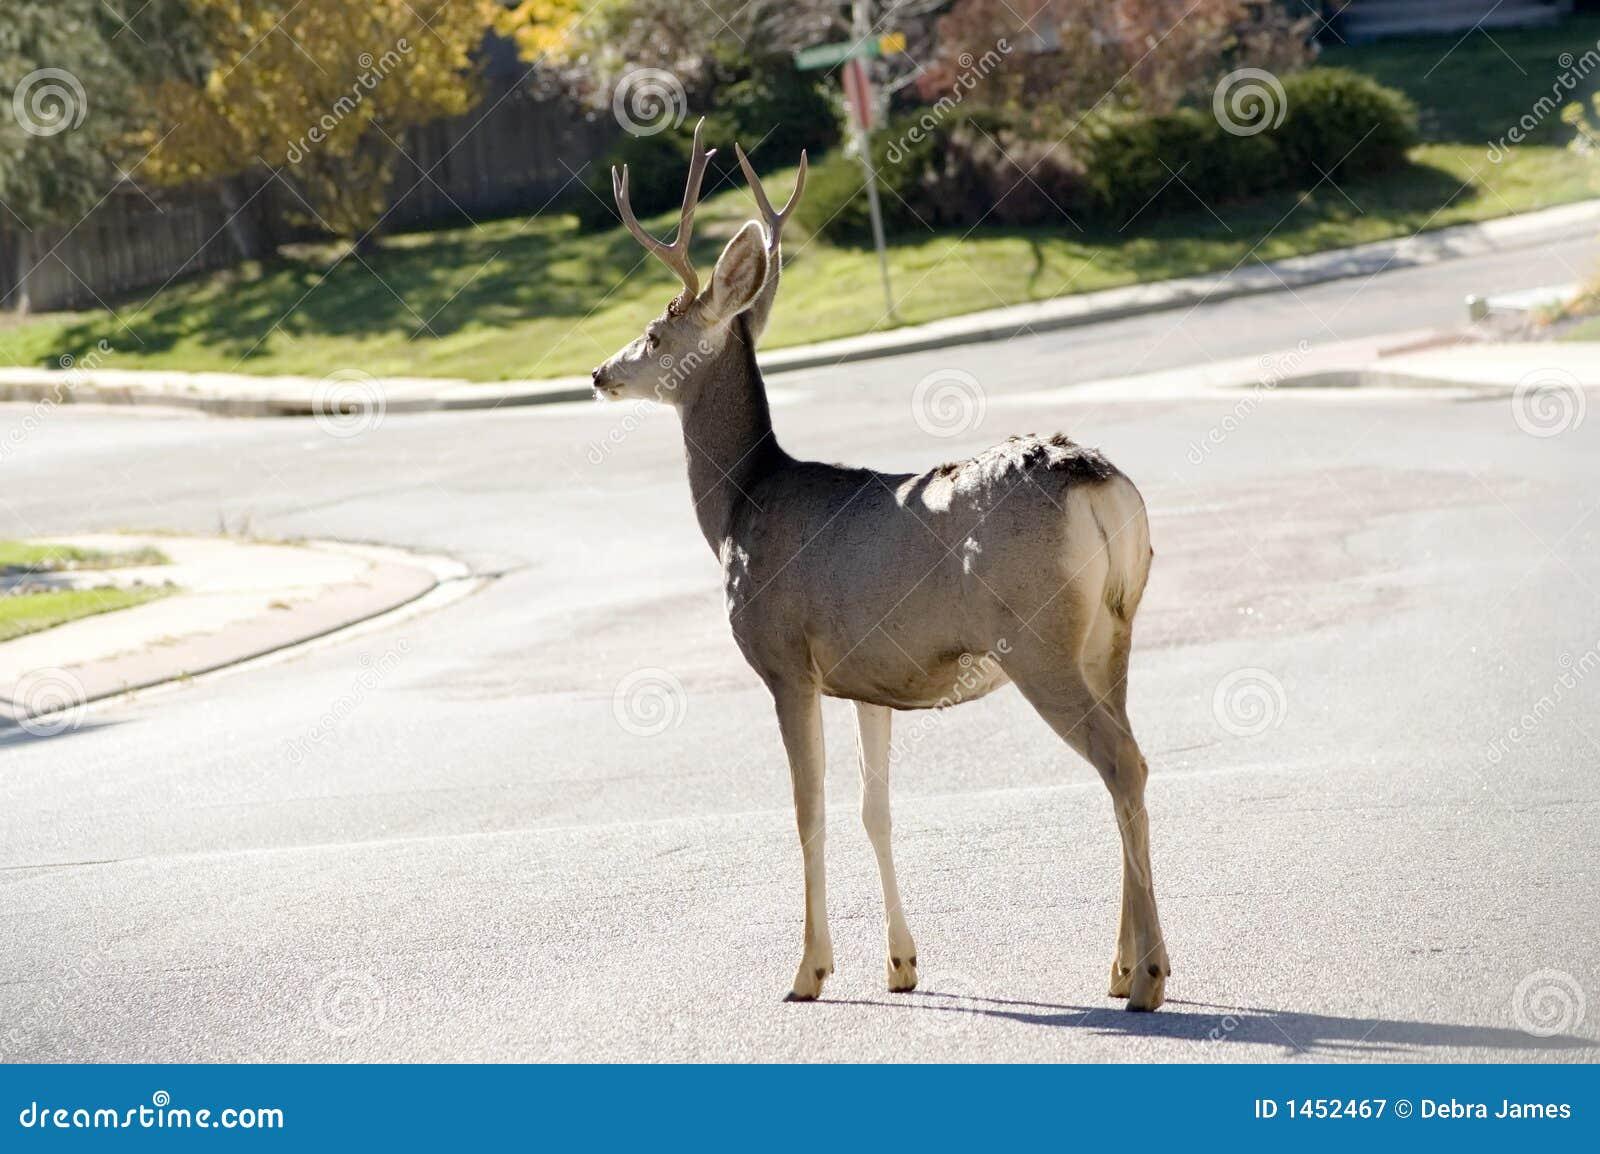 Buck in Road